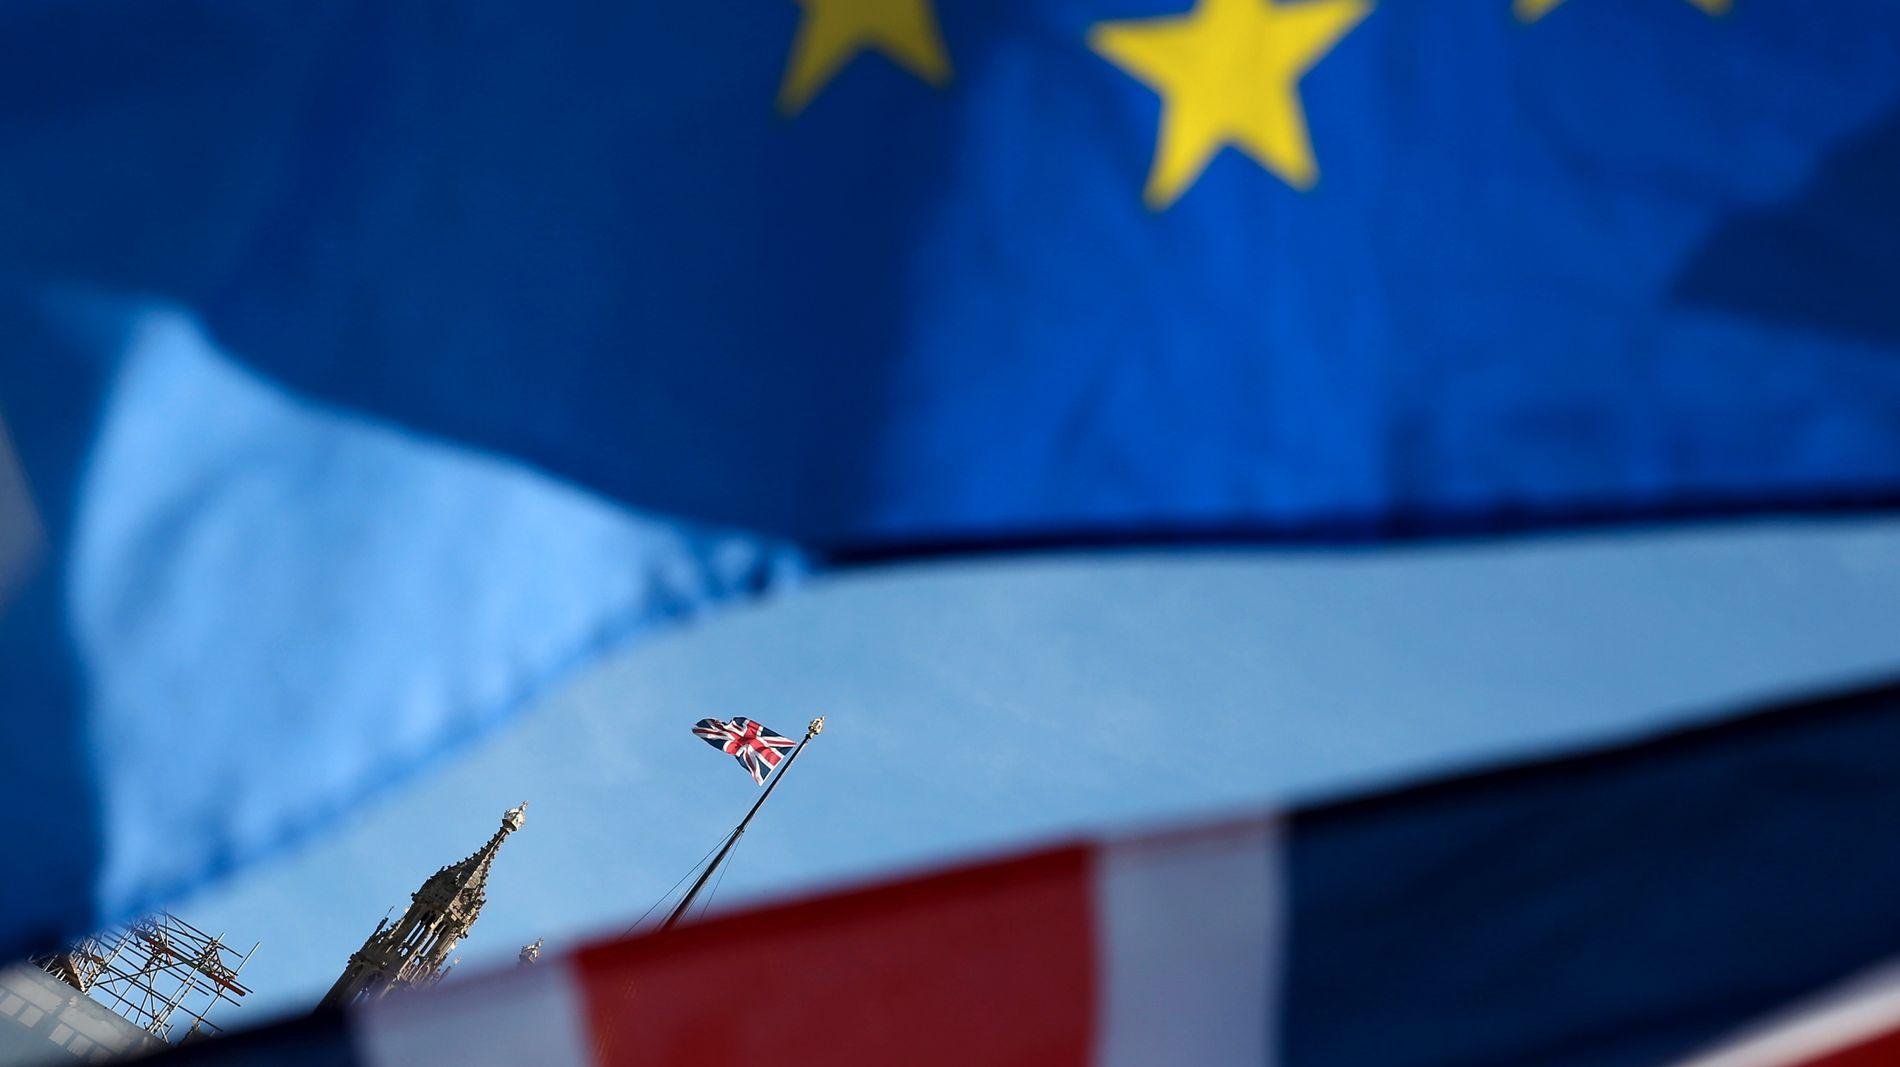 HANDELSNASJON: Tross brexit-krisen er Storbritannia blant Europas raskest voksende innovatører, ifølge EUs årlige innovasjonsoversikt.